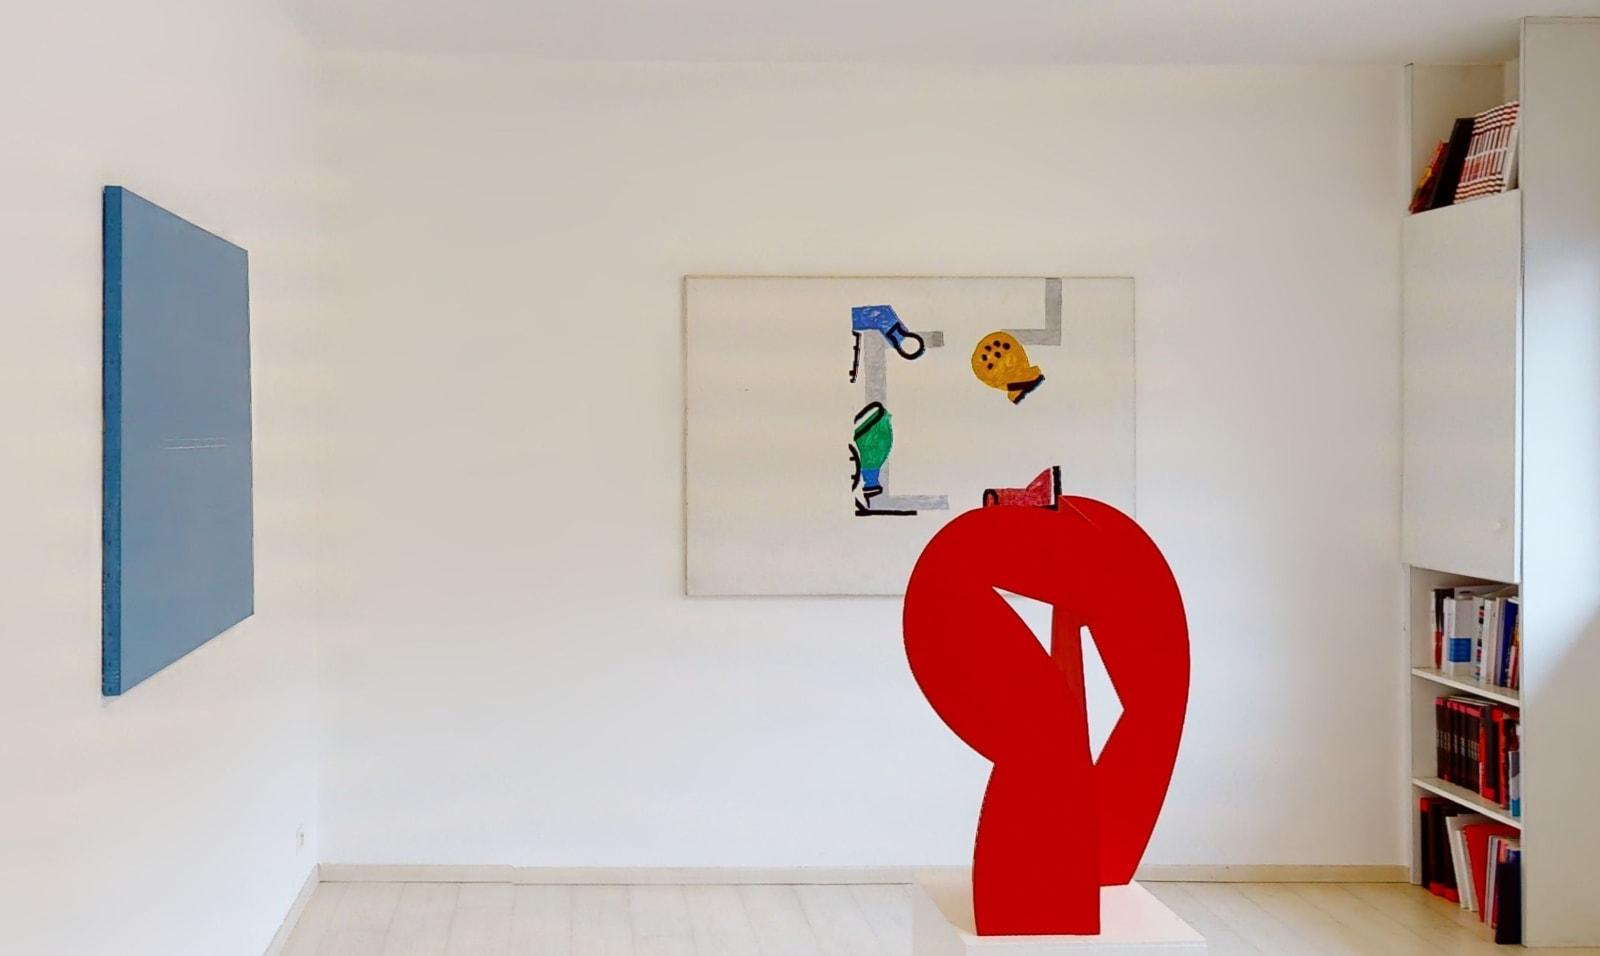 Exposition anniversaire ONIRIS 35 ANS / Geneviève Asse + Alain Clément + Pierre Antoniucci / Oniris été 2021